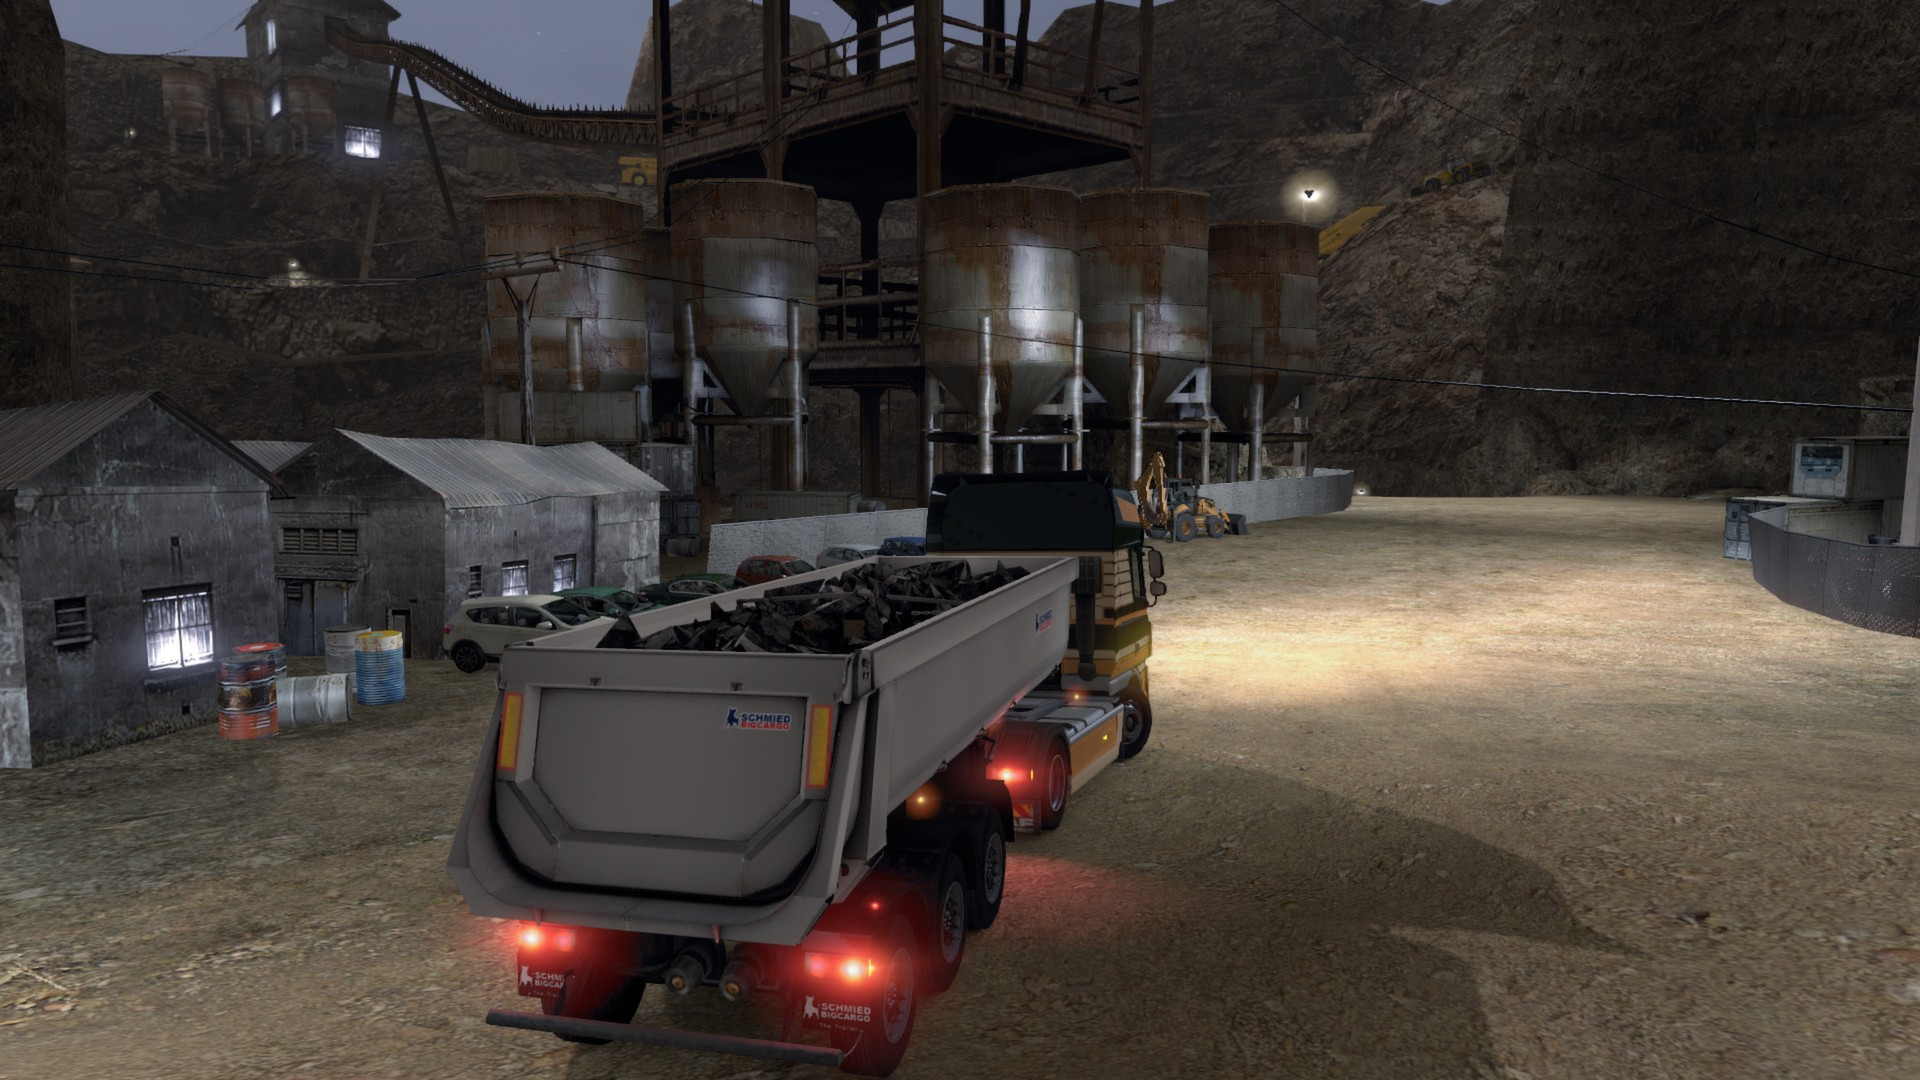 Скачать через торрент игру euro truck simulator 2 с модами